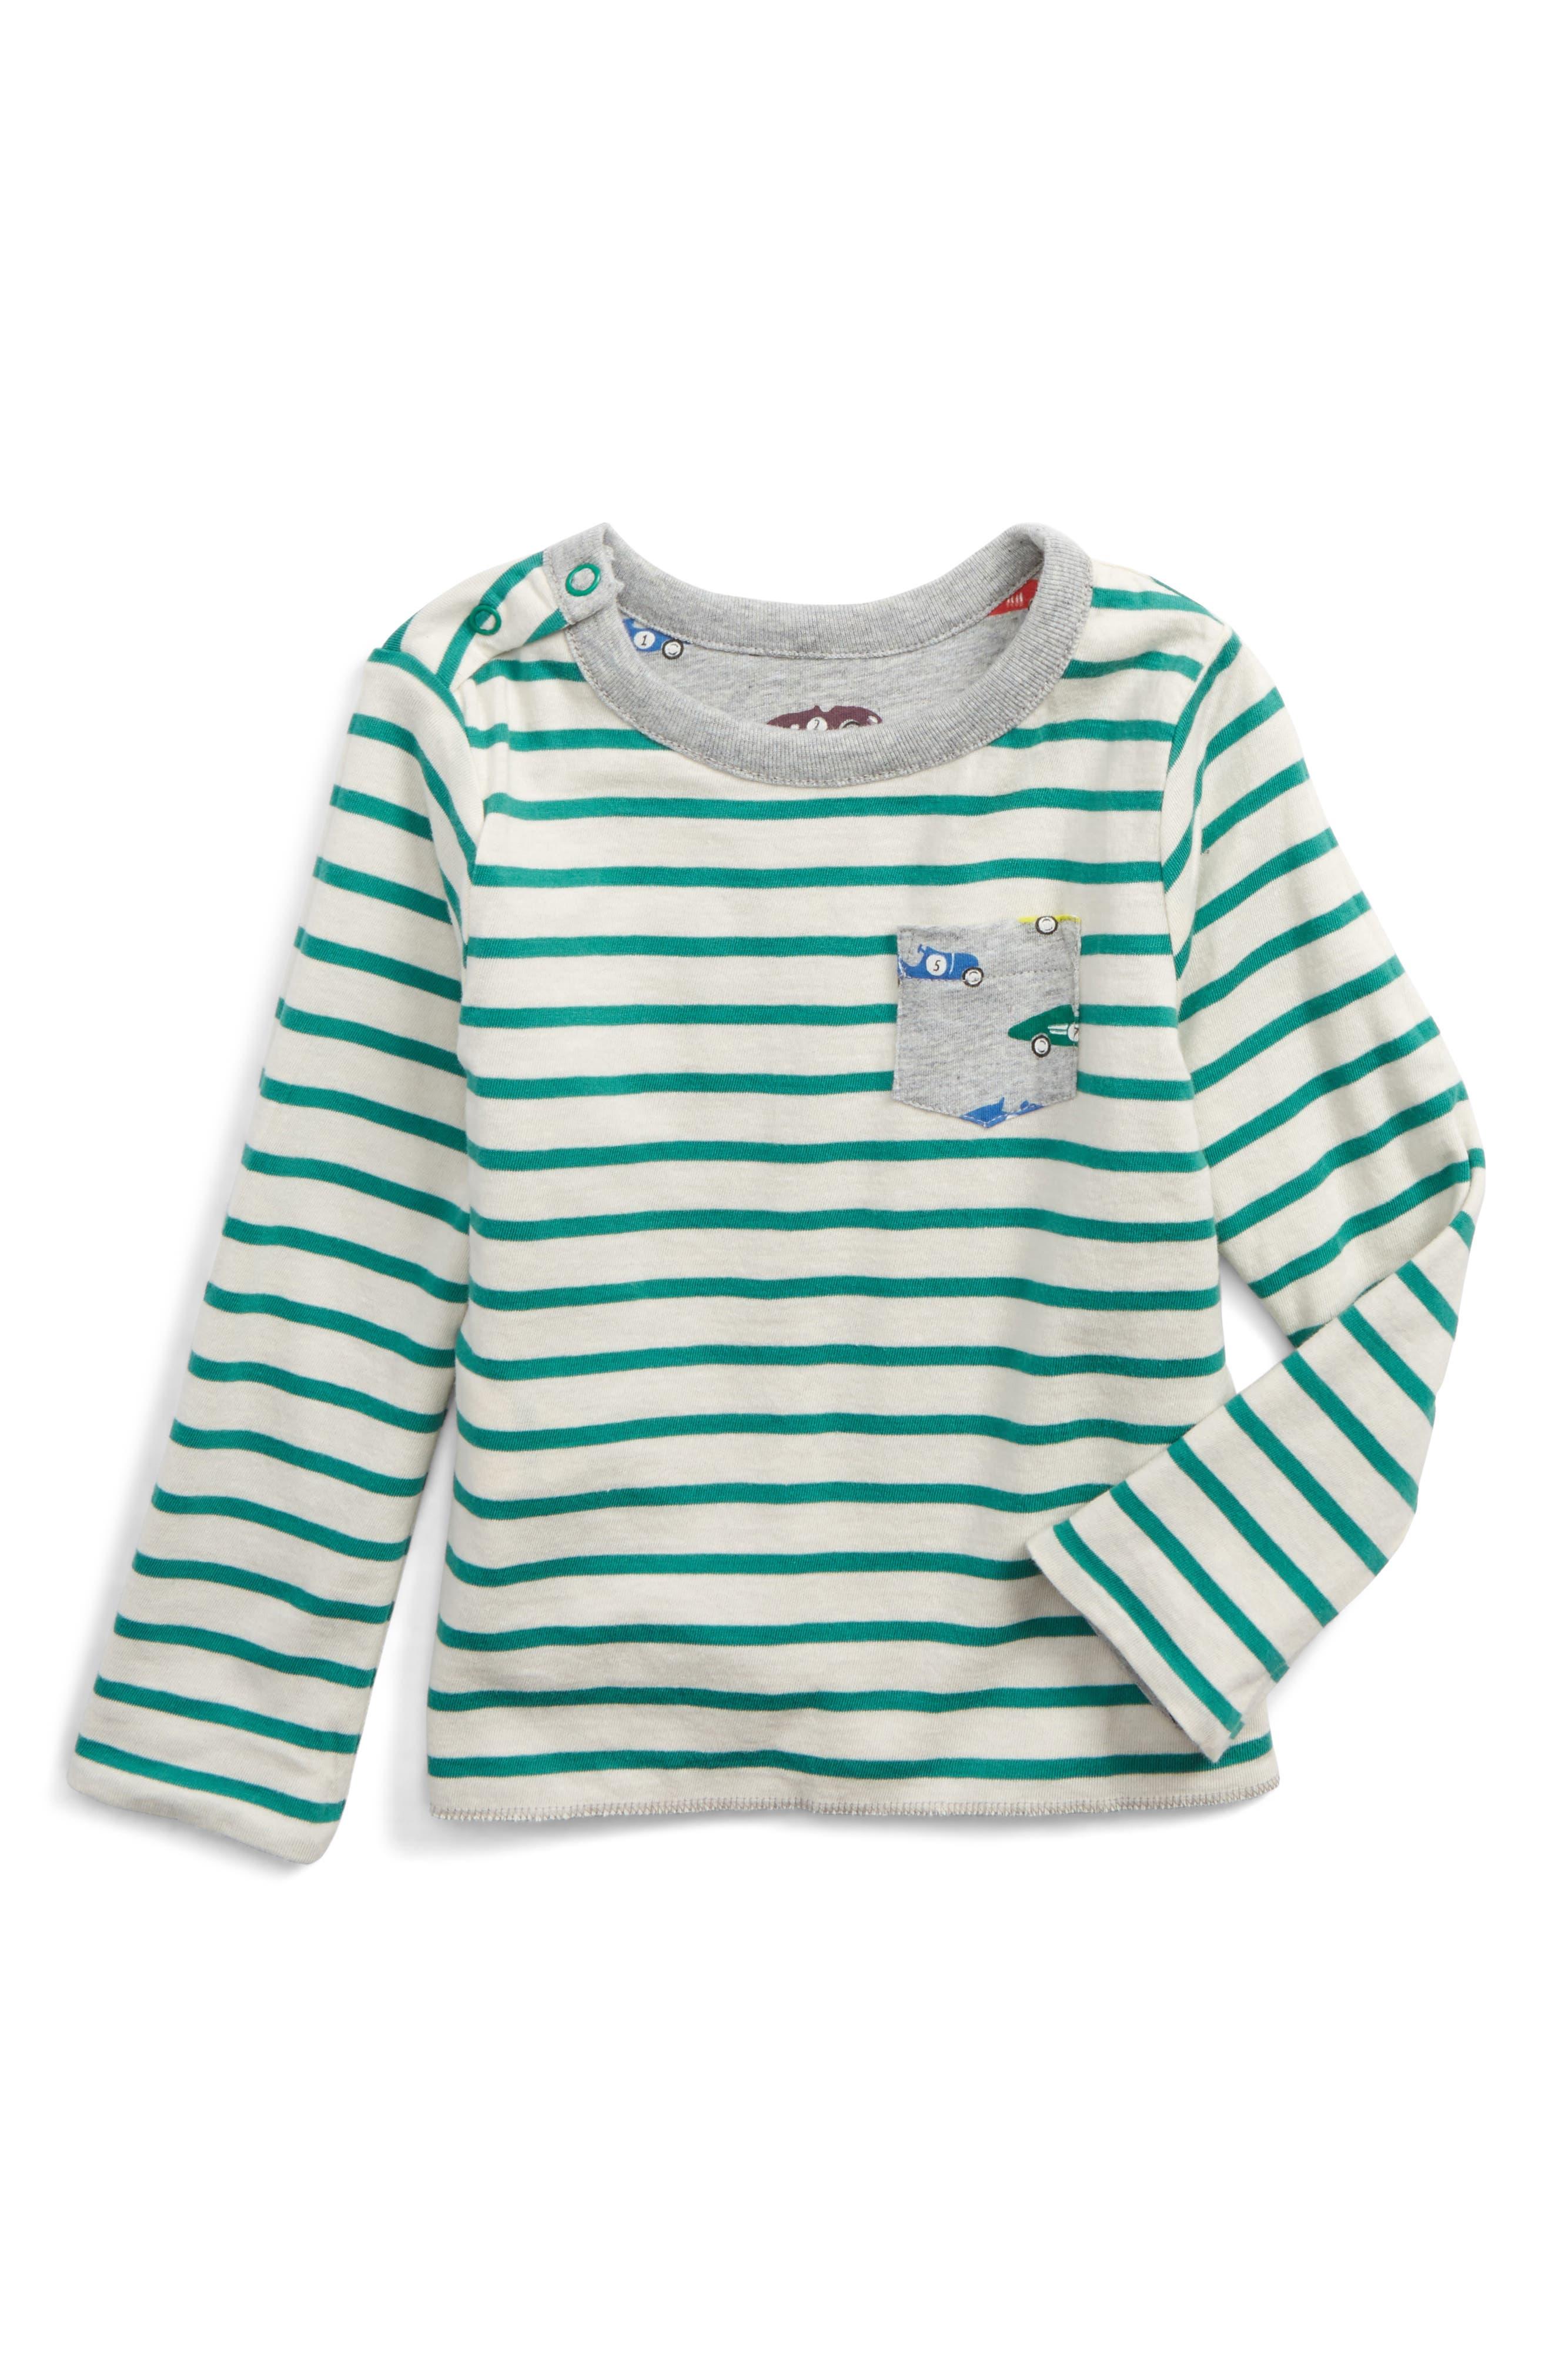 Alternate Image 2  - Mini Boden Reversible Print T-Shirt (Baby Boys & Toddler Boys)